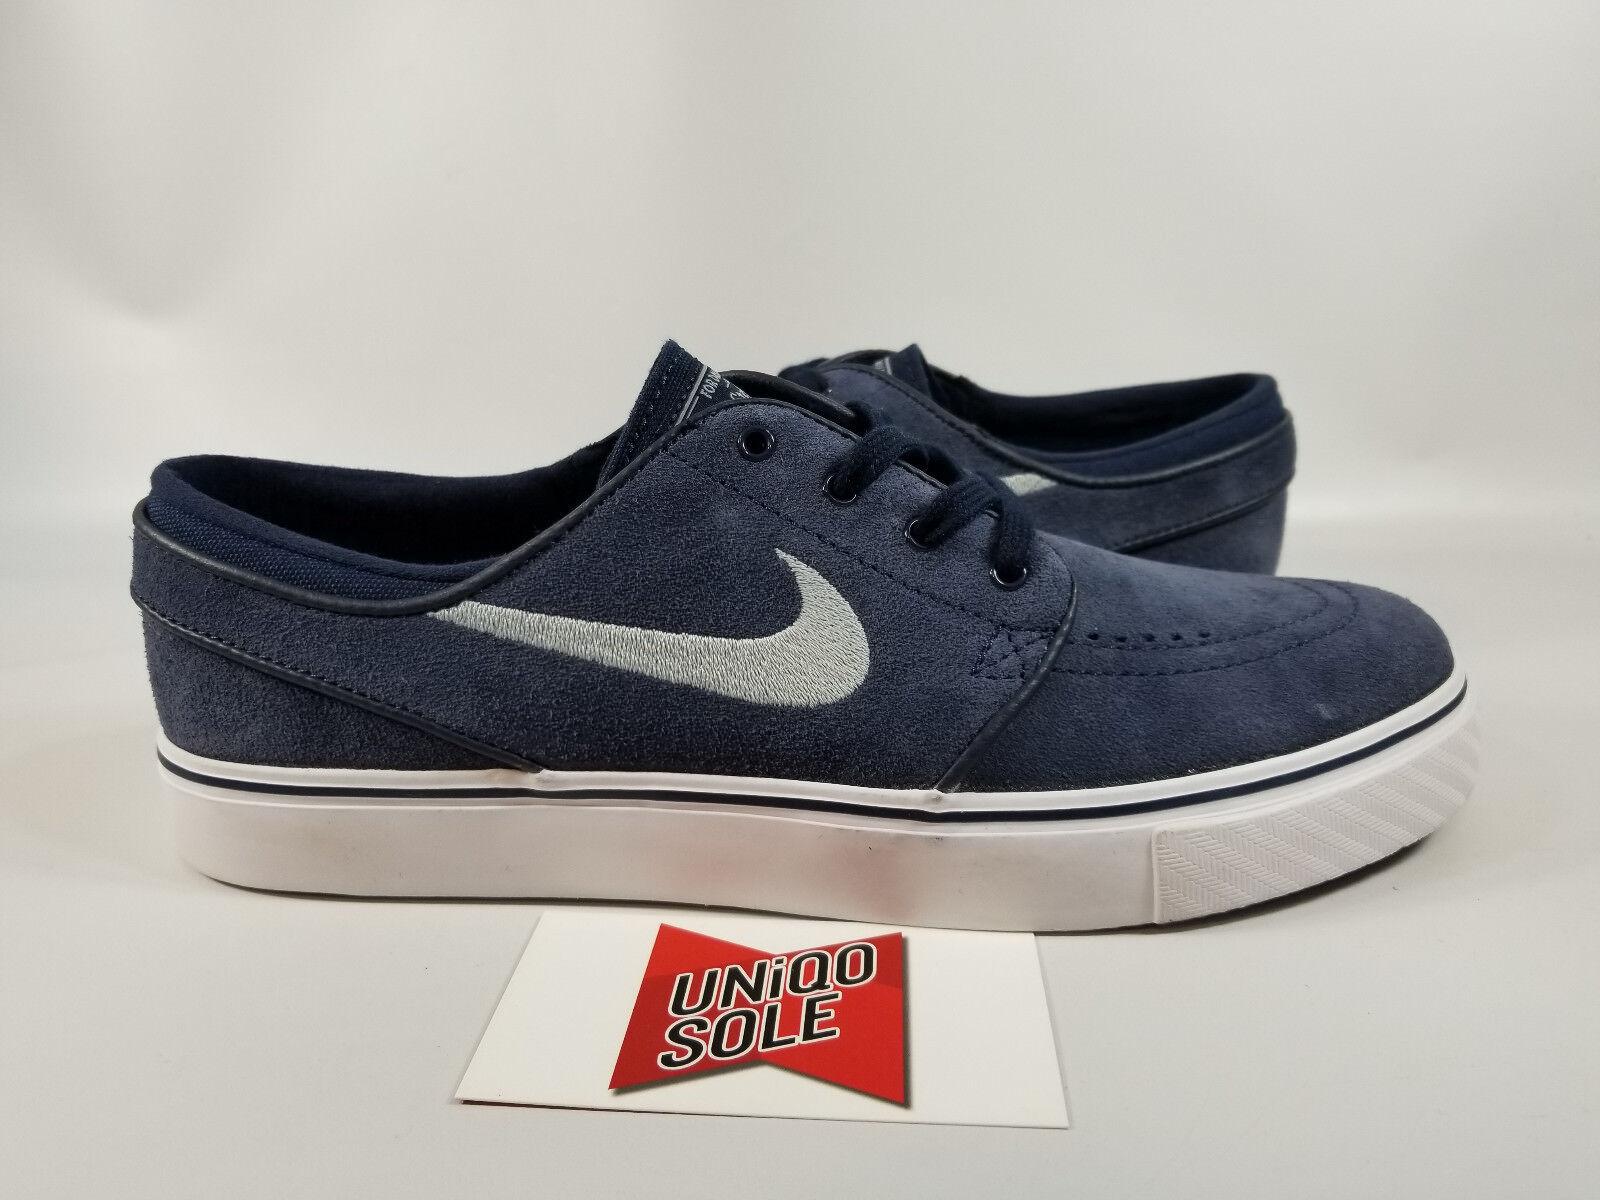 Nike Zoom Stefan Janoski Sb Obsidiana Azul Suede Blanco Calzado 633014-400 7.5 Calzado Blanco para Skate b79994